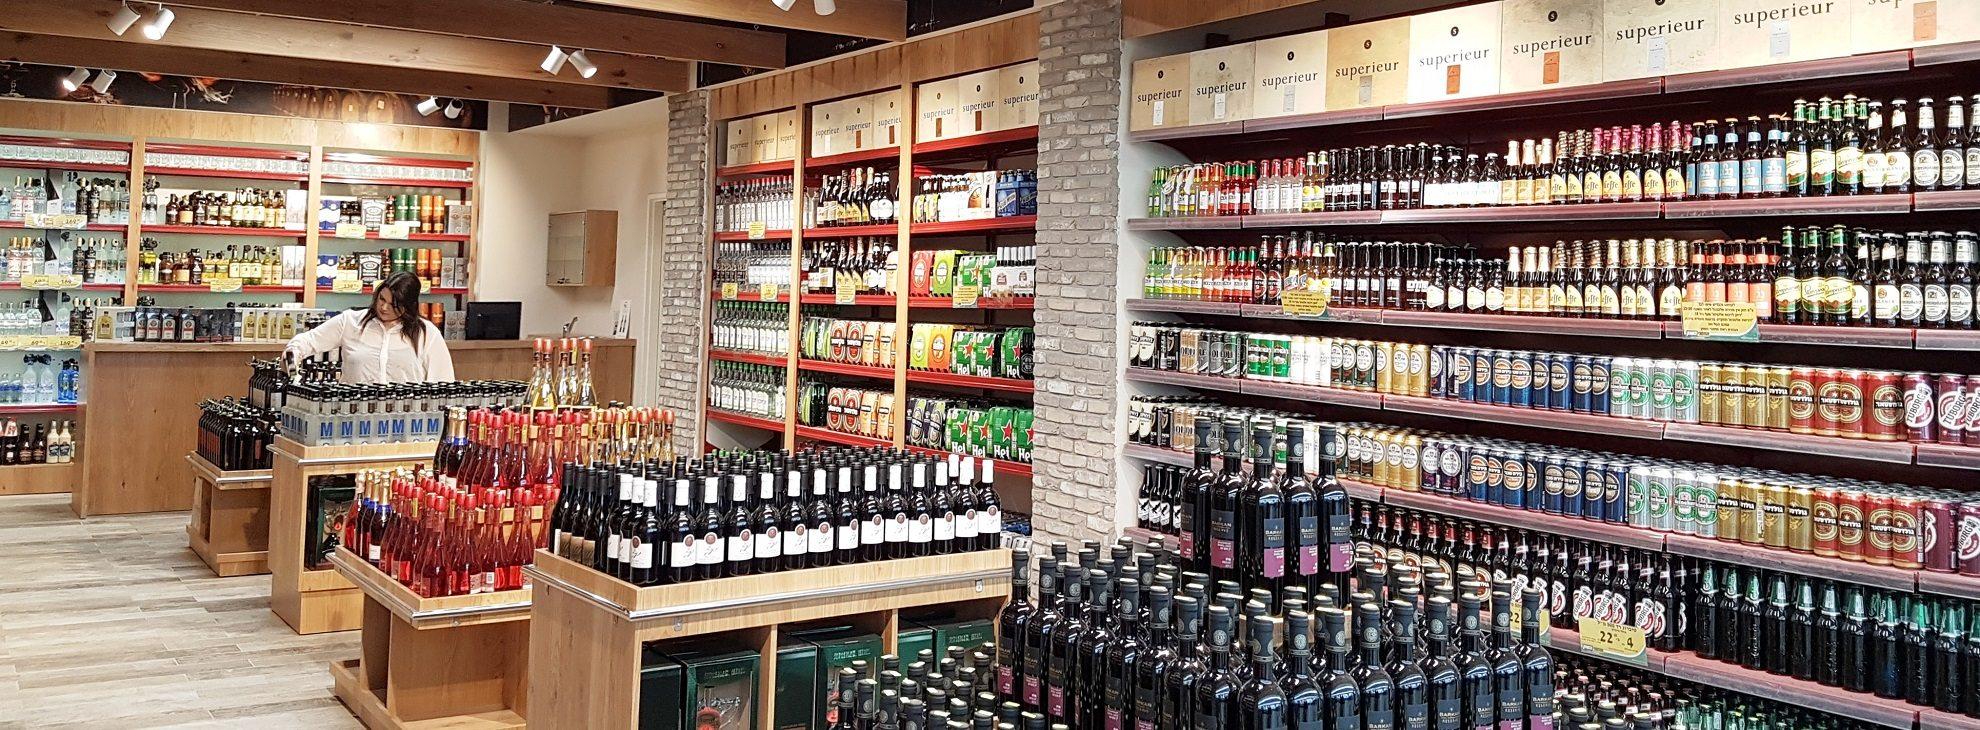 מחלקת יין- בי סמארט-מחסני השוק